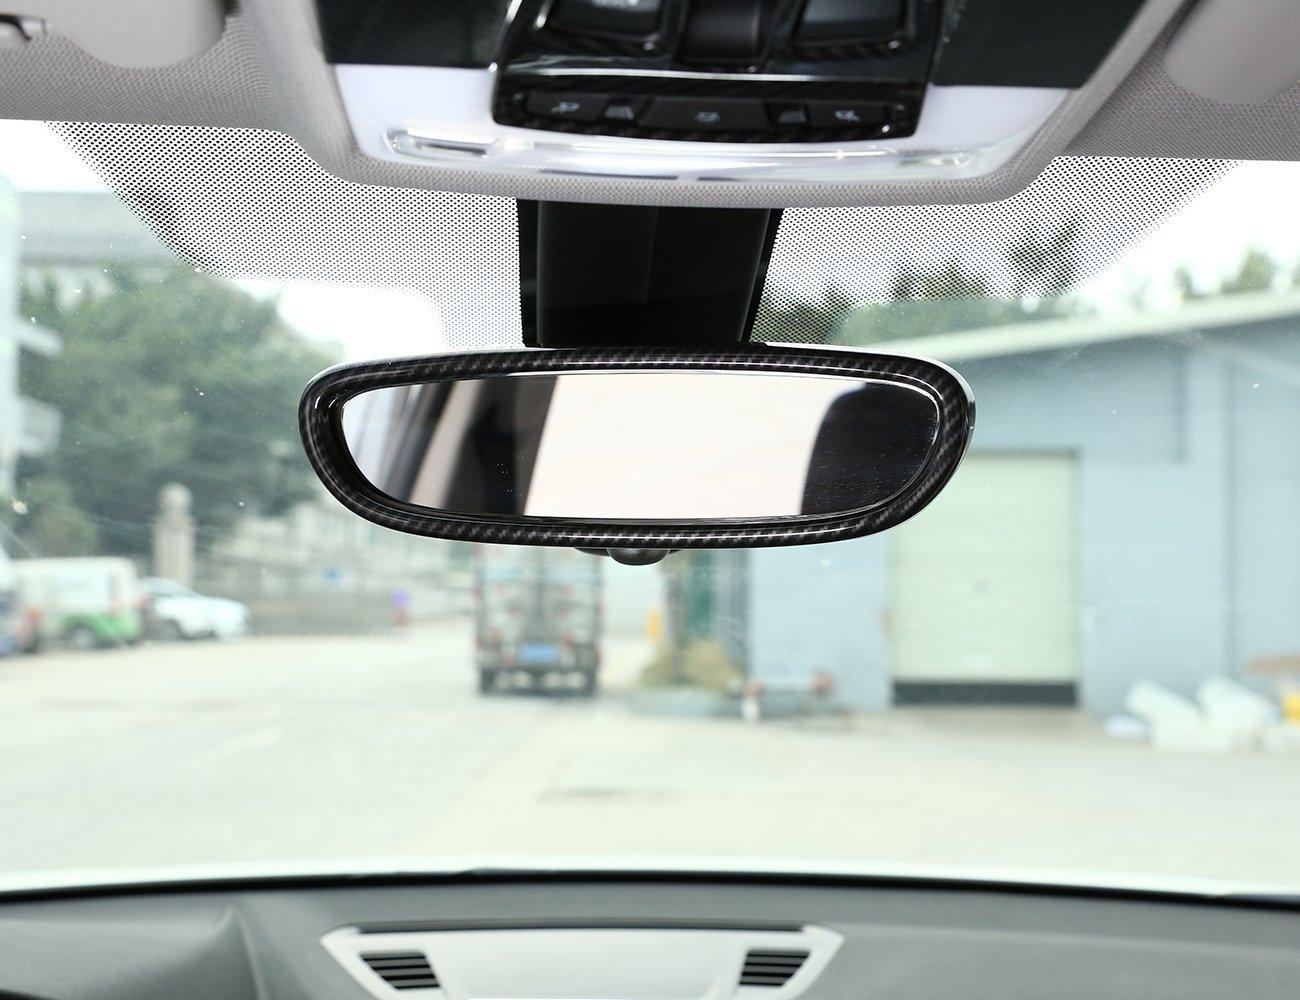 Marco de espejo retrovisor de carbono ABS para decoració n interior, accesorios de pegatina para X1 F48 2016-2018 1 Series F20 2011-2015 Luxuqo